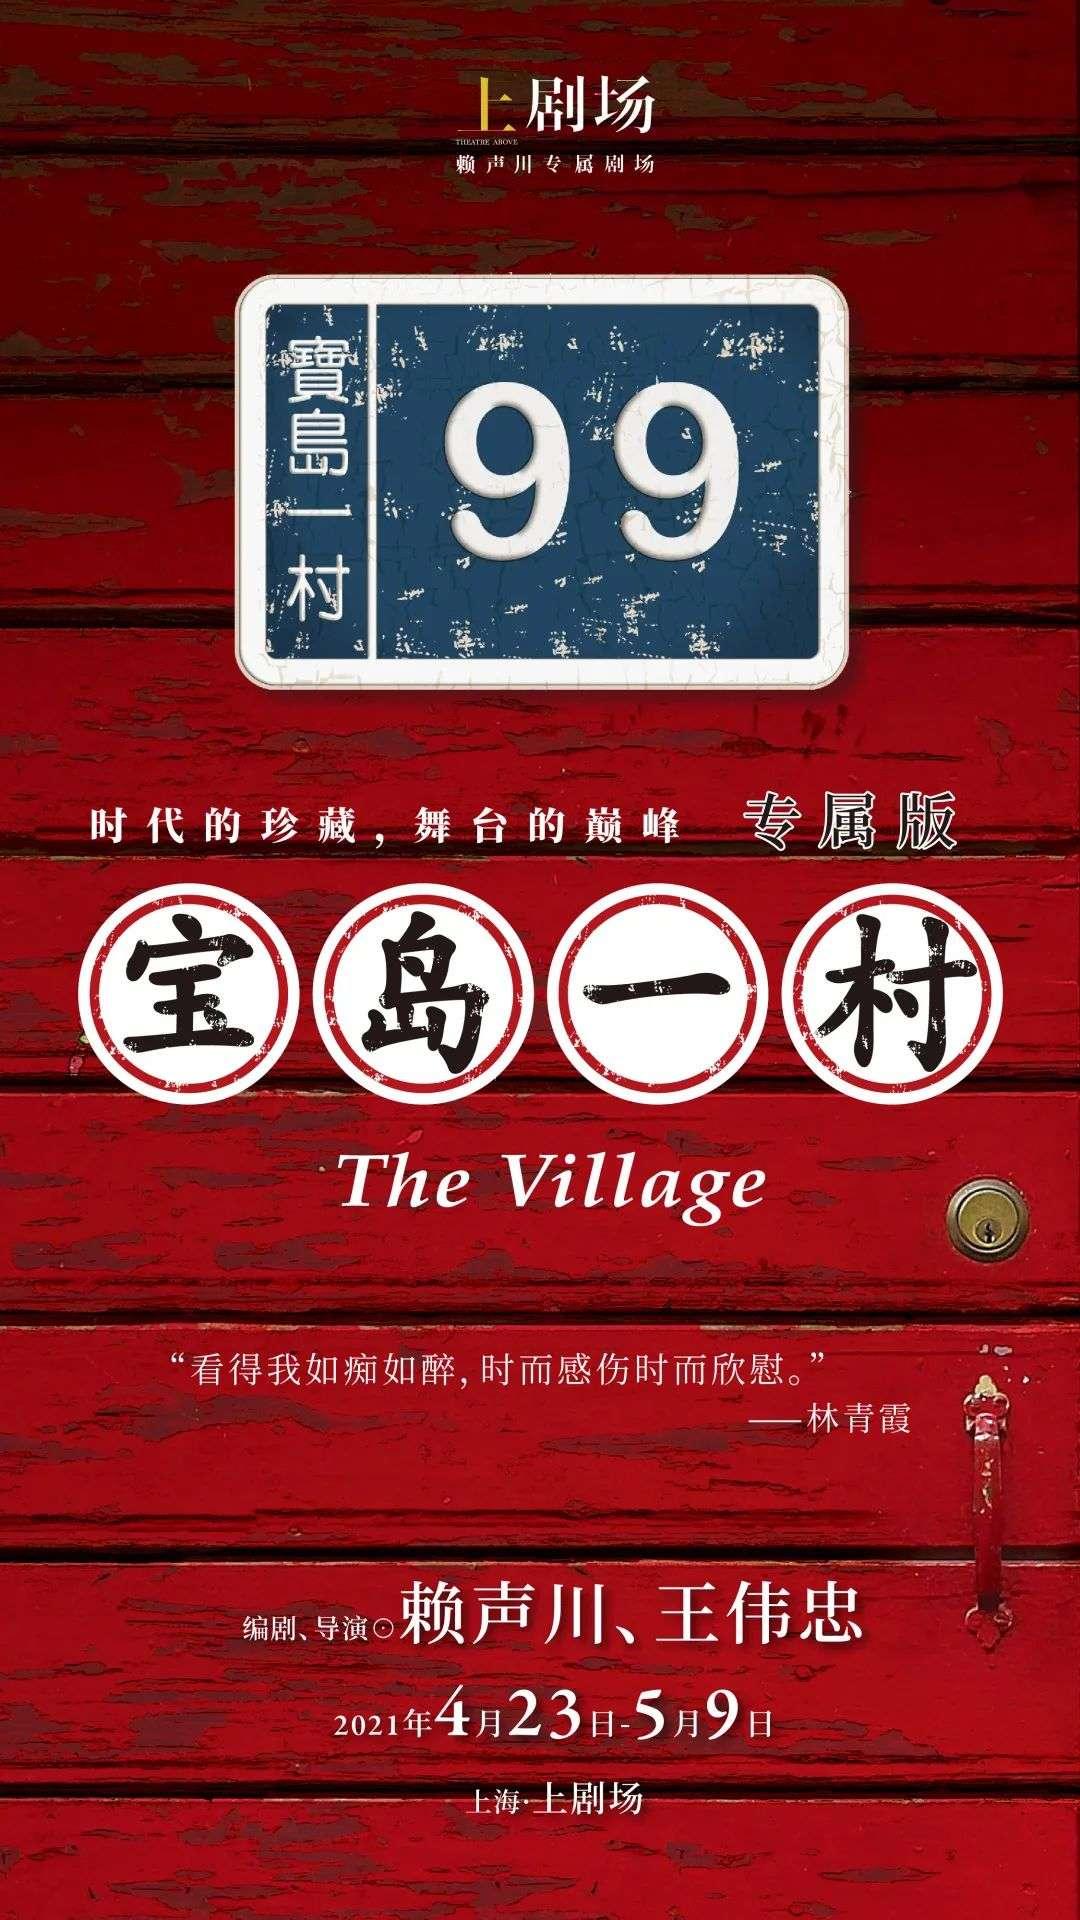 """该剧曾被《新京报》评为""""这个时代话剧舞台上的巅峰之作""""。在三个半小时的演出时间中展现了台湾眷村人琐碎的生活片段,透过三家人勾勒出一种独特的地域文化,也暗含一种家族观念与伦理观念,以及不同族群之间的文化交融过程。"""